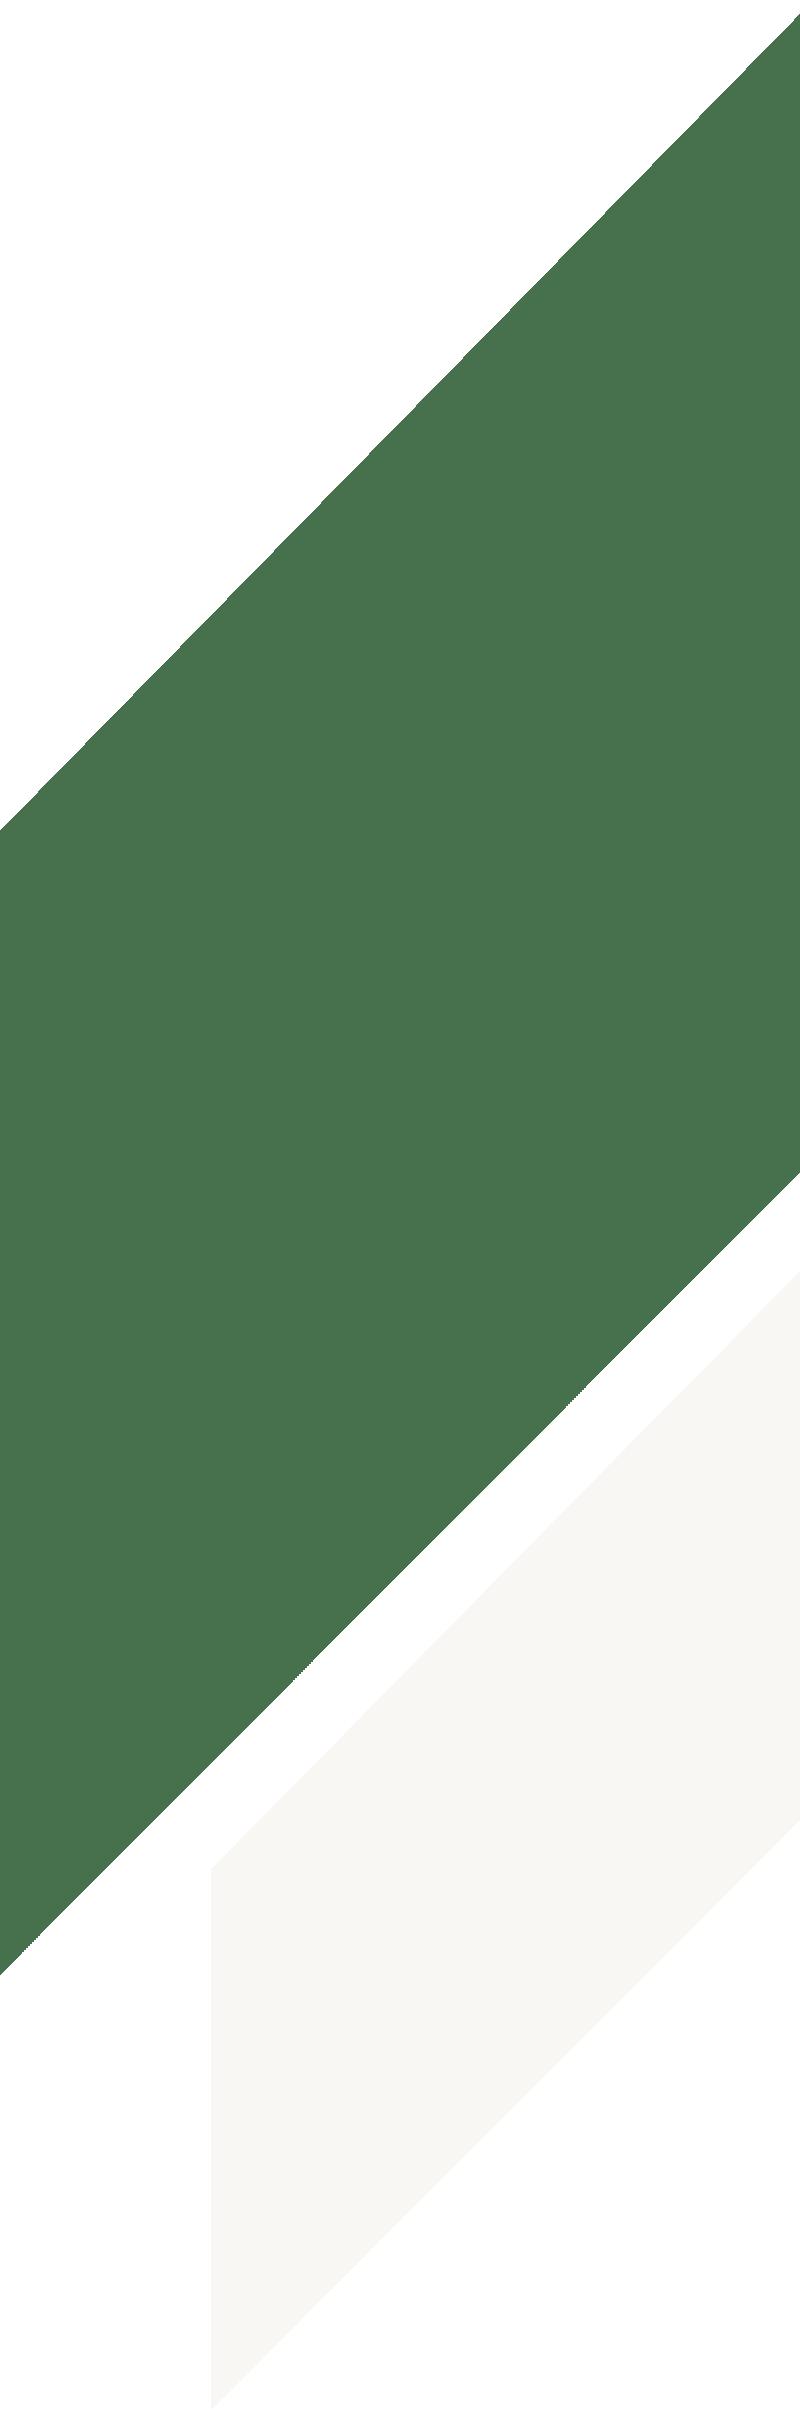 Várvölgyi_sült_hasaszalonna_(tekercs)800x